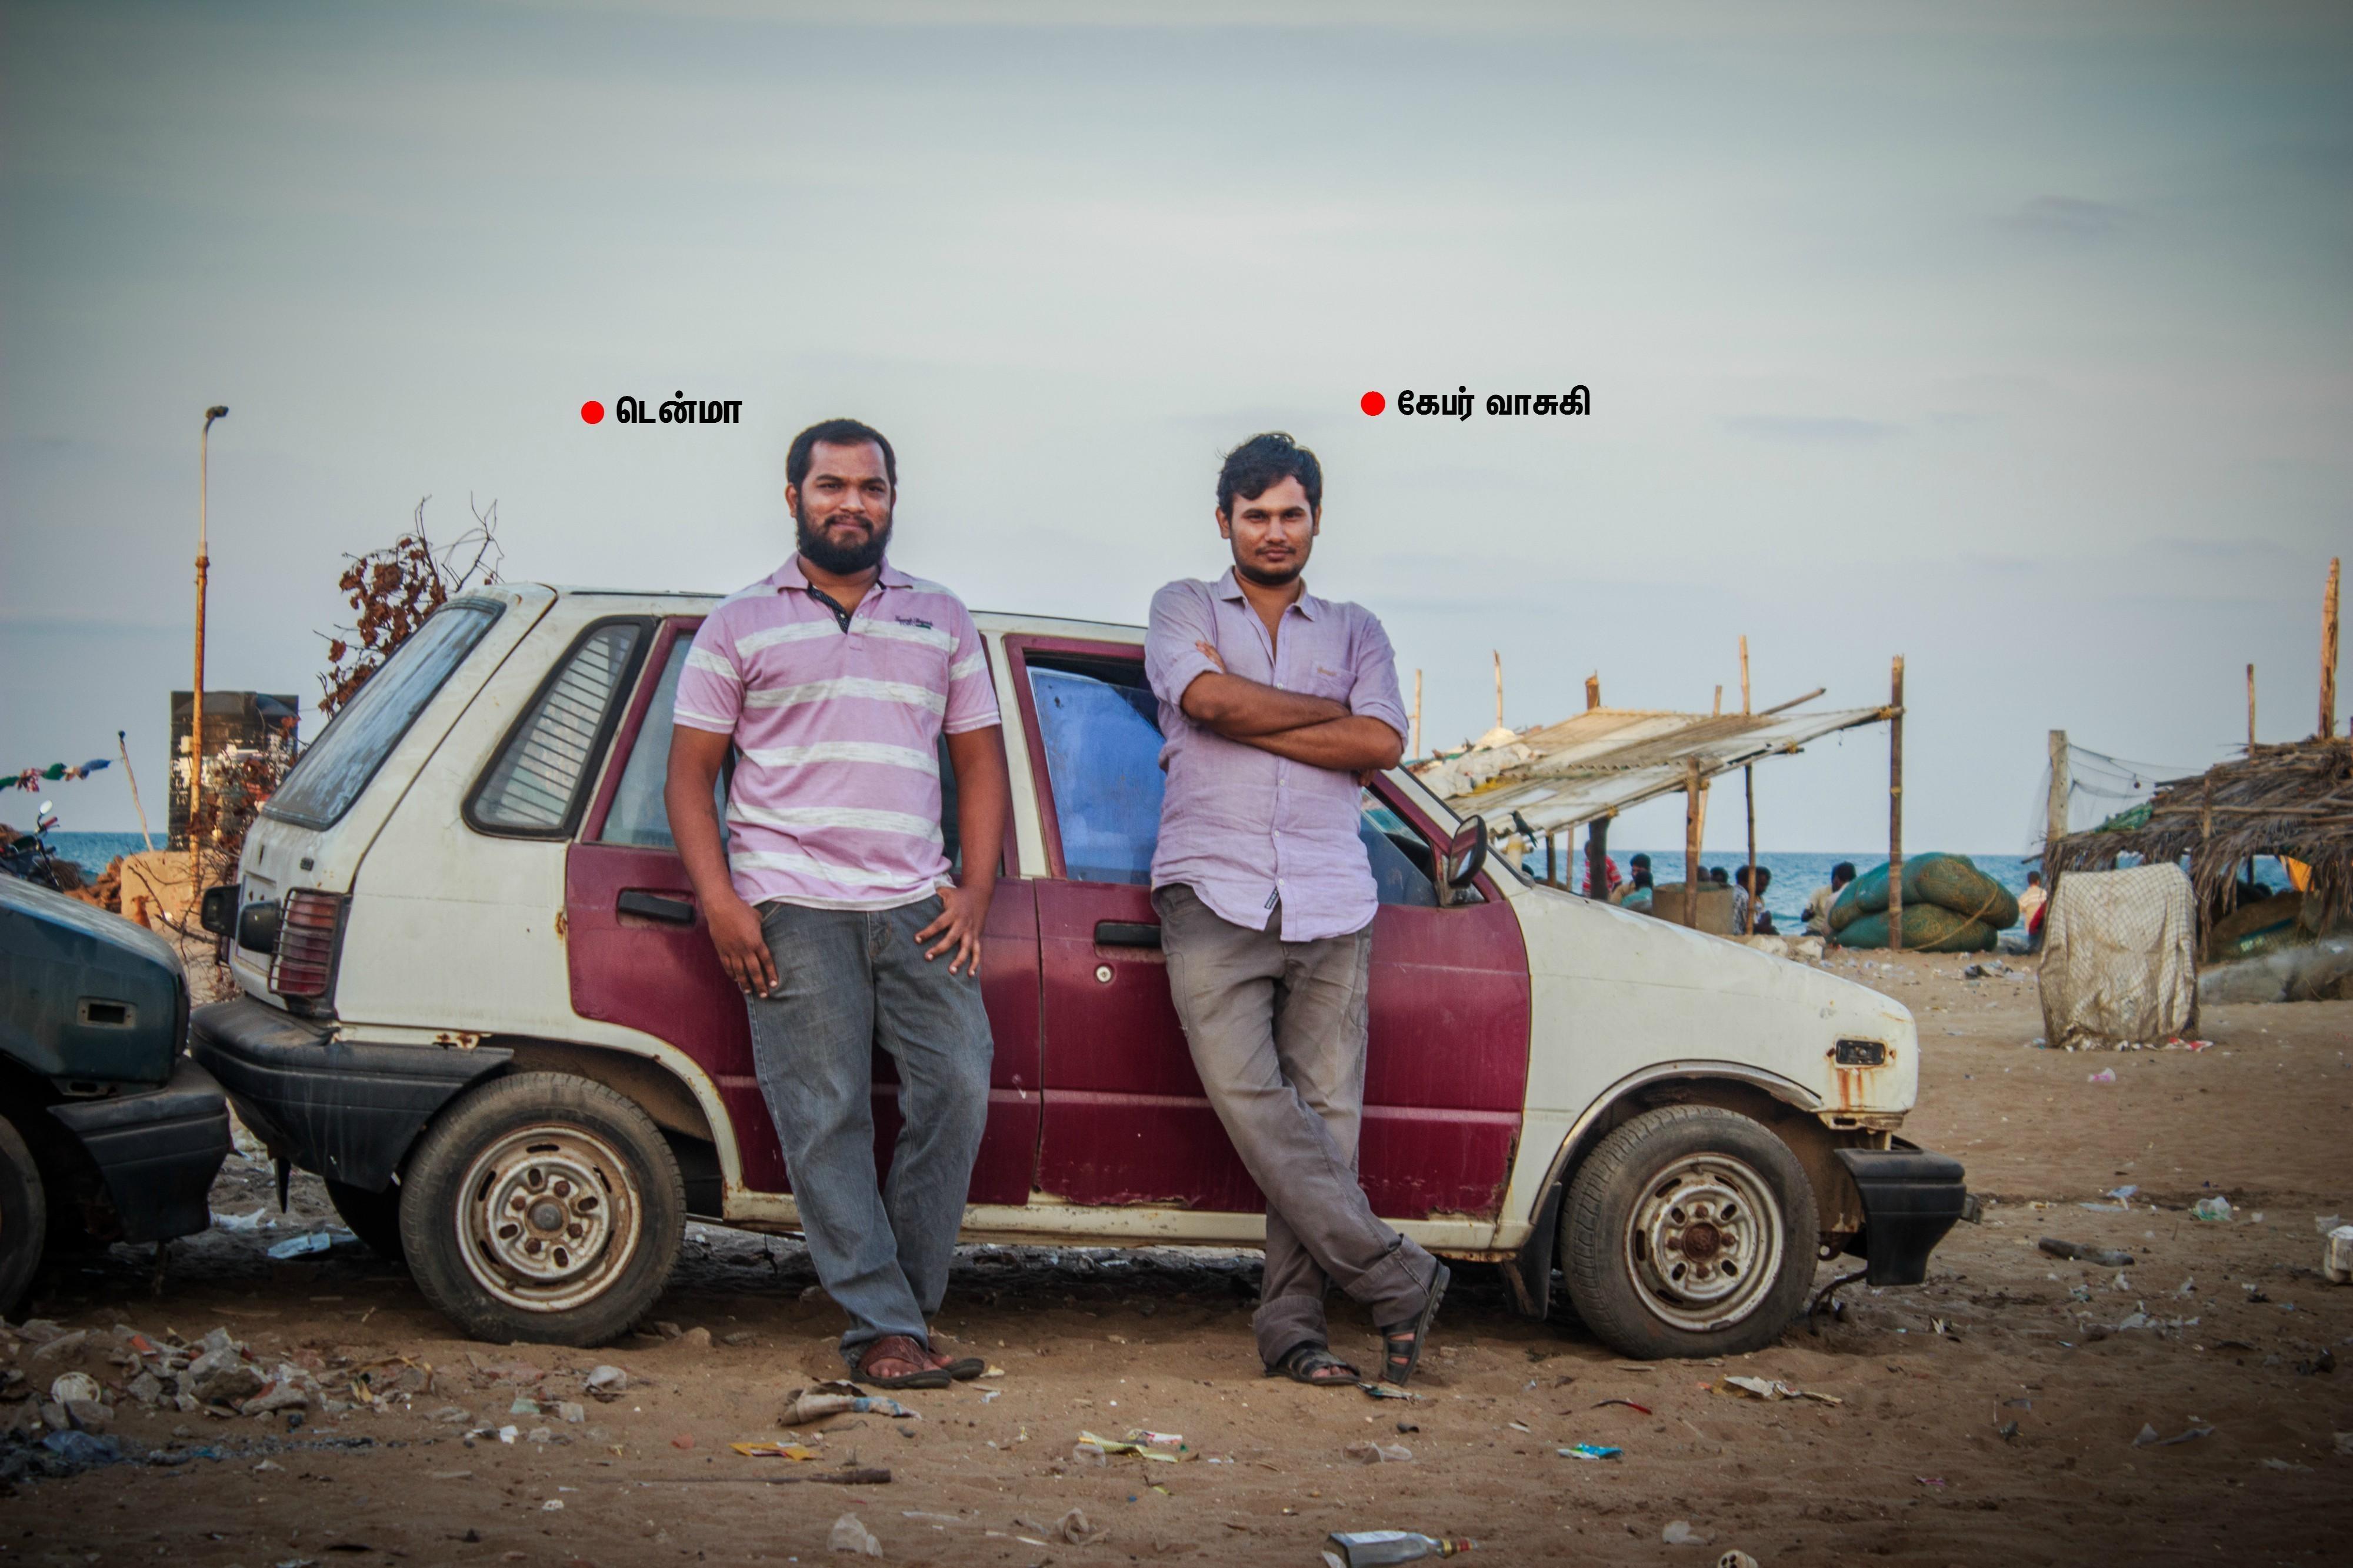 குரங்கன் இசைக்குழு உறுப்பினர்கள் கேபர் வாசுகி மற்றும் டென்மா